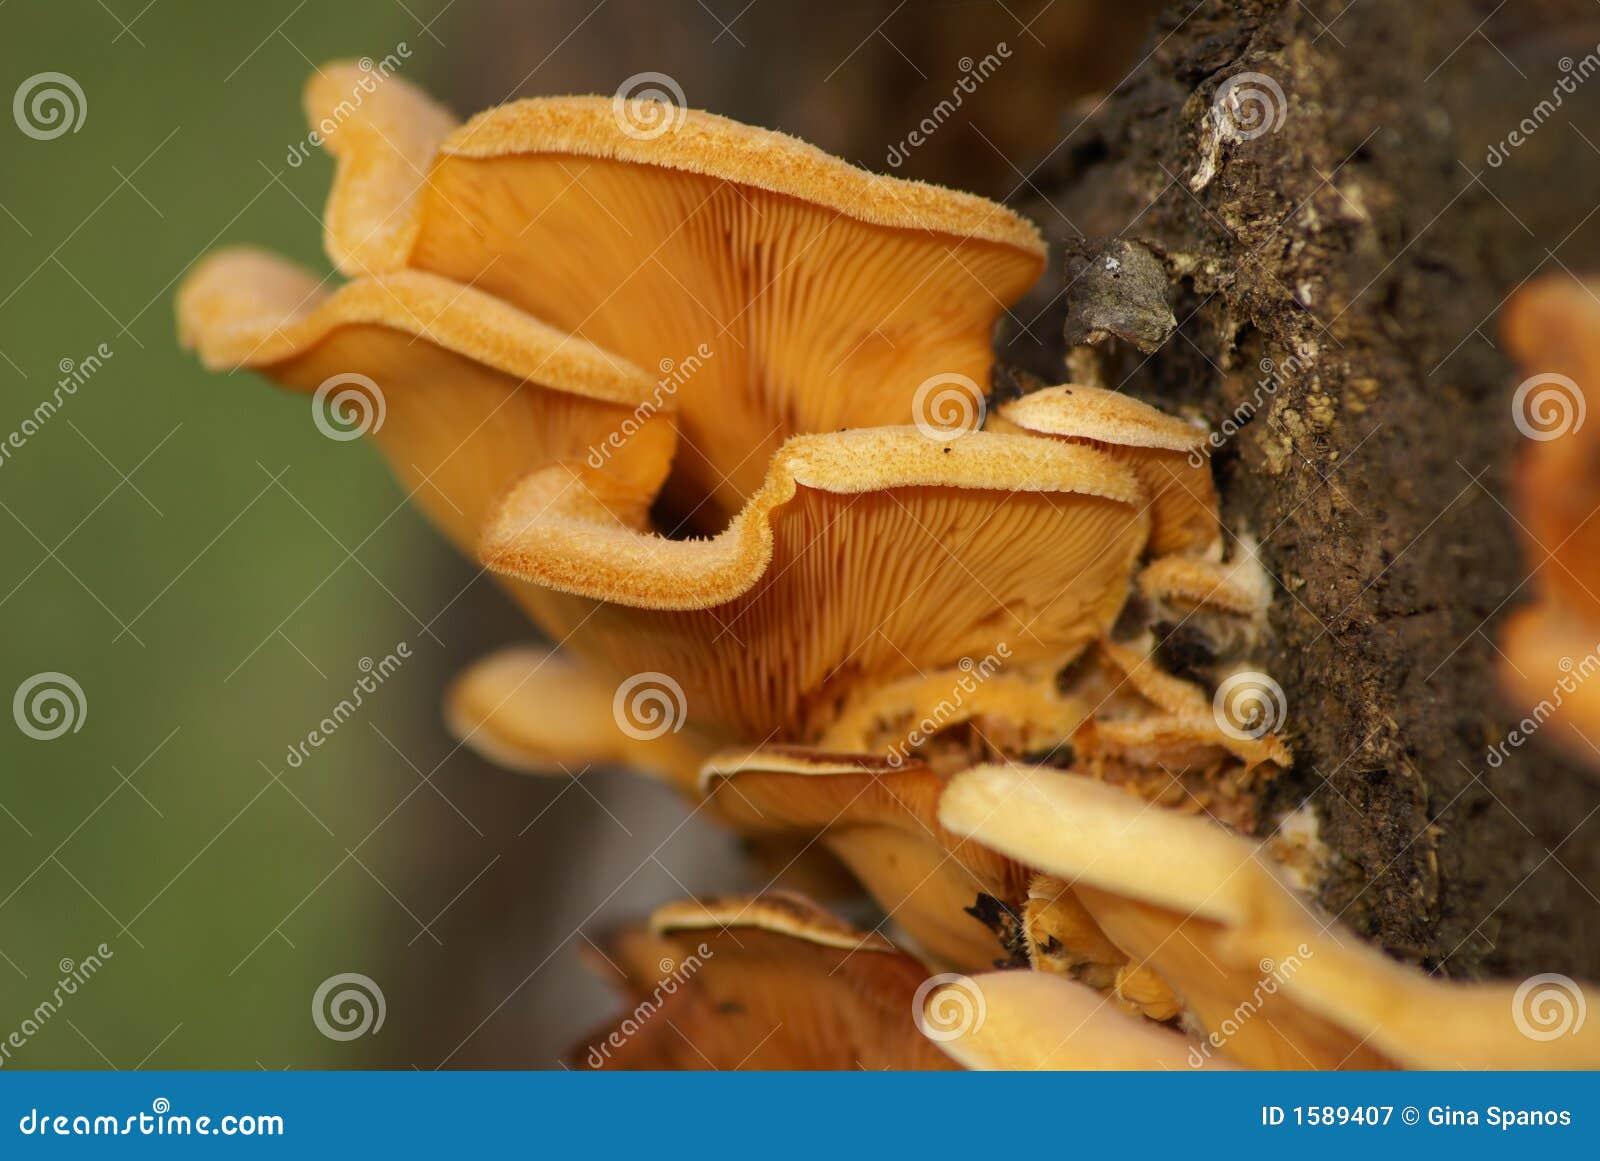 Trattamento di un fungo tra dita del piede di unguento